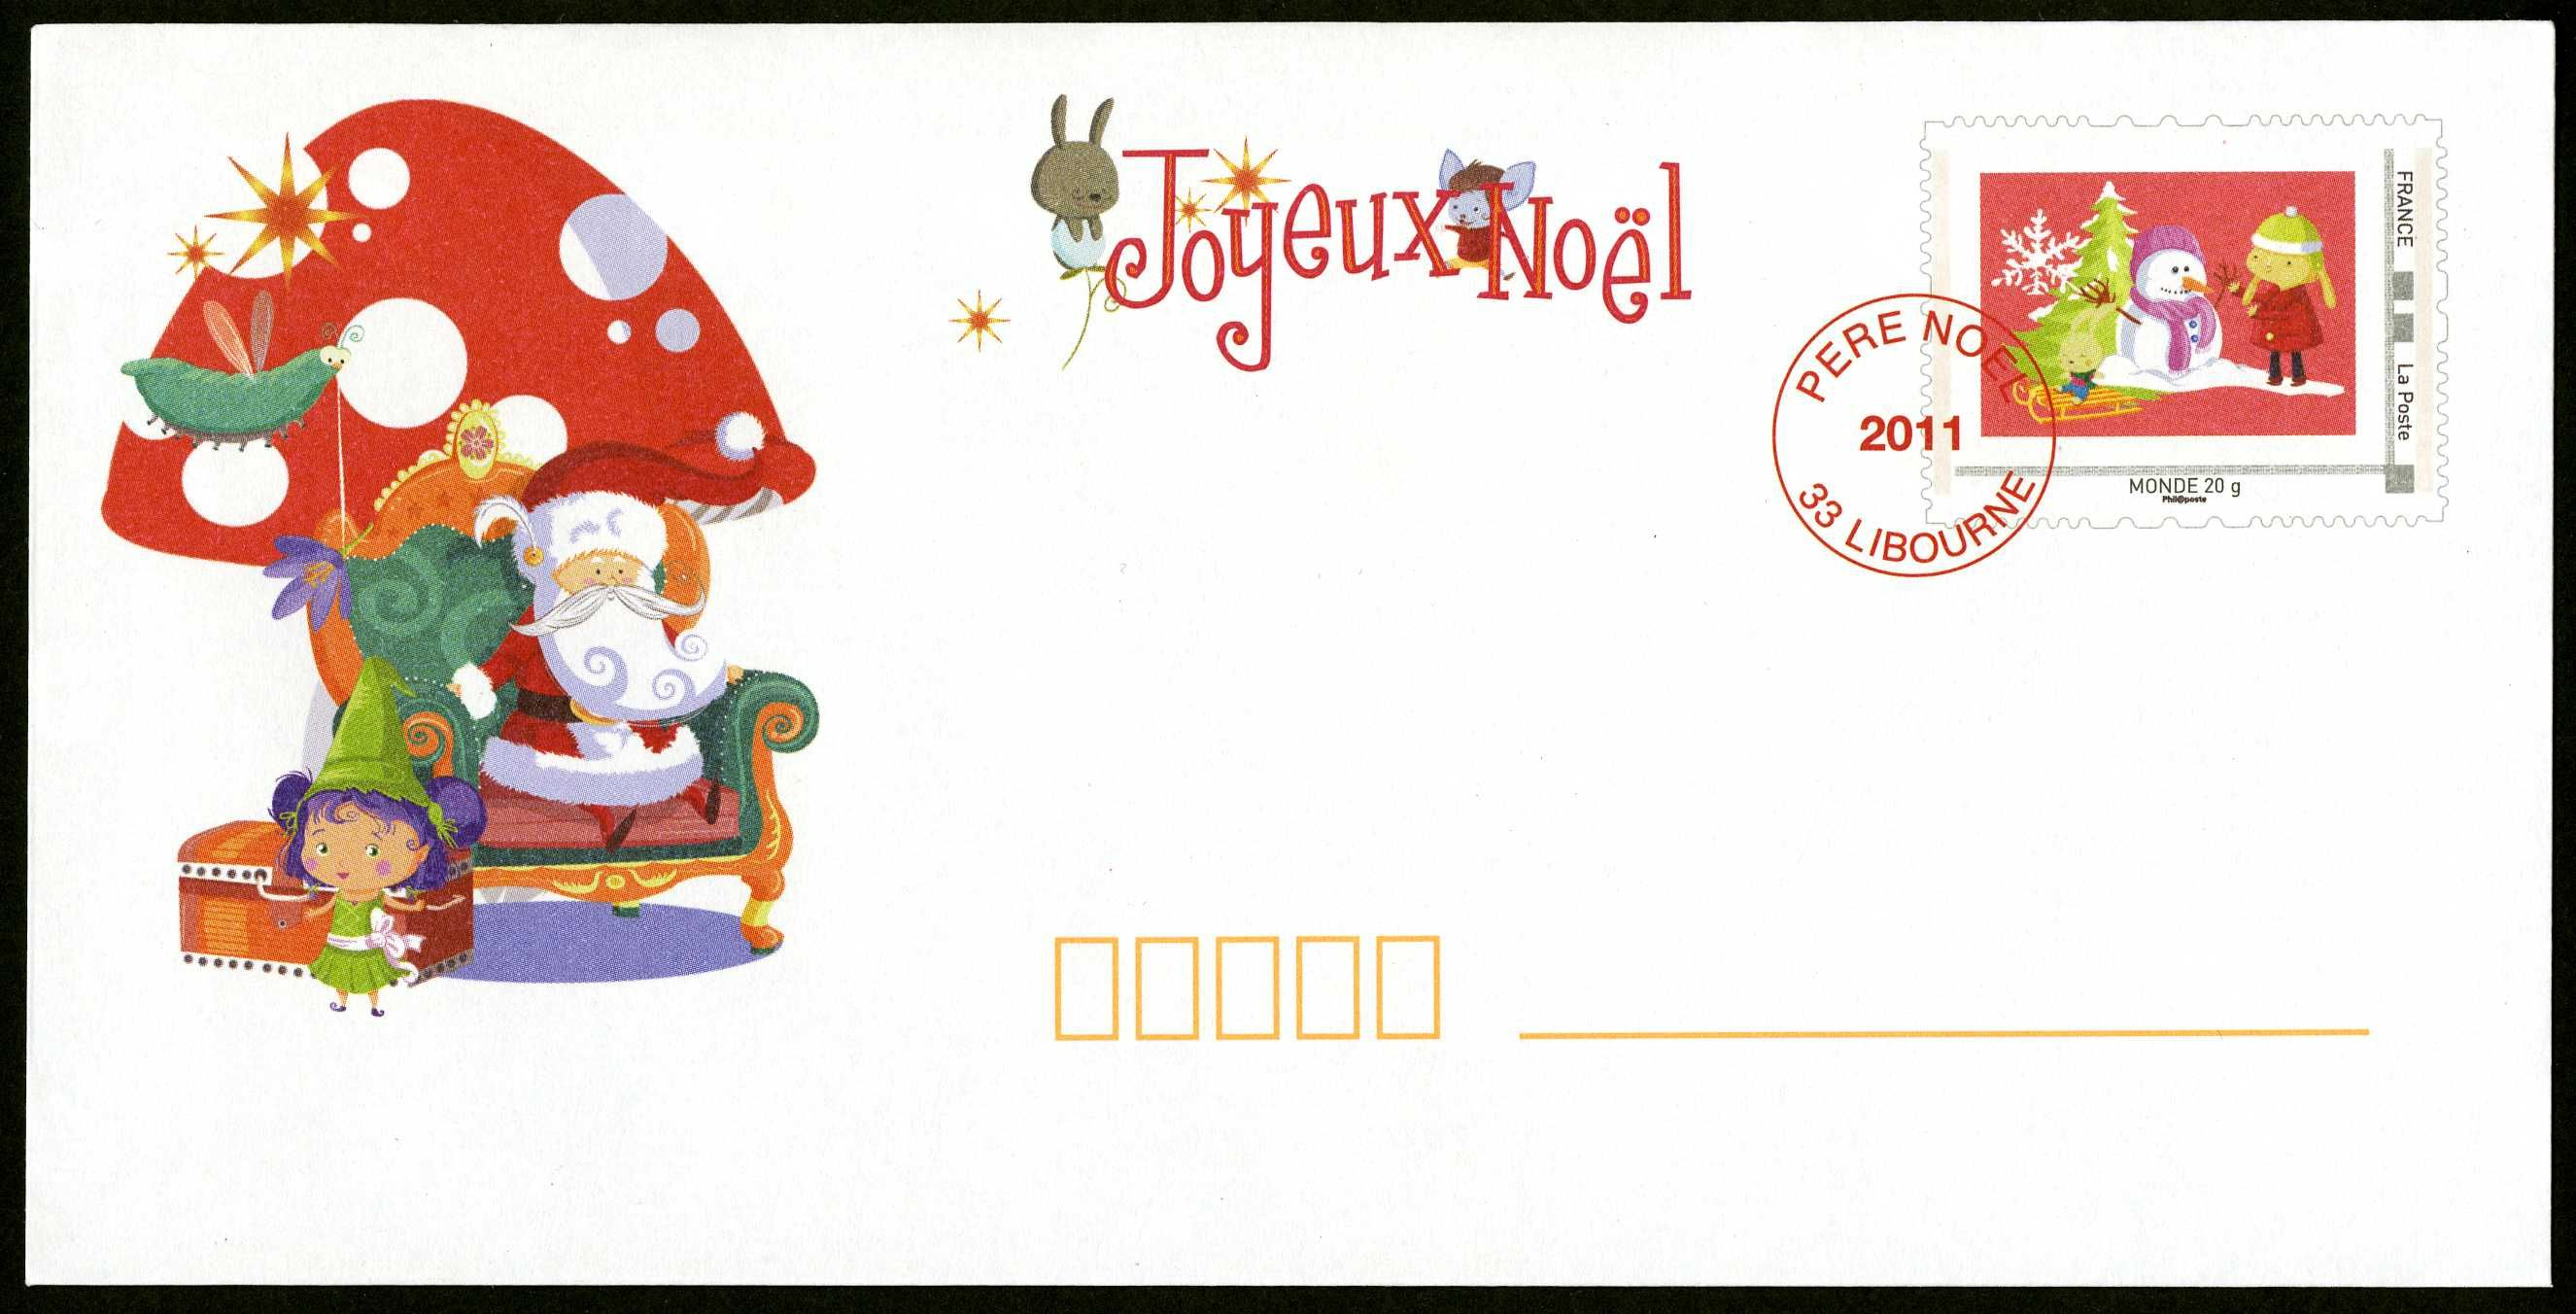 Papier À Lettre Reponse Du Pere Noel Gratuit | Reponse Du avec Reponse Lettre Du Pere Noel A Imprimer